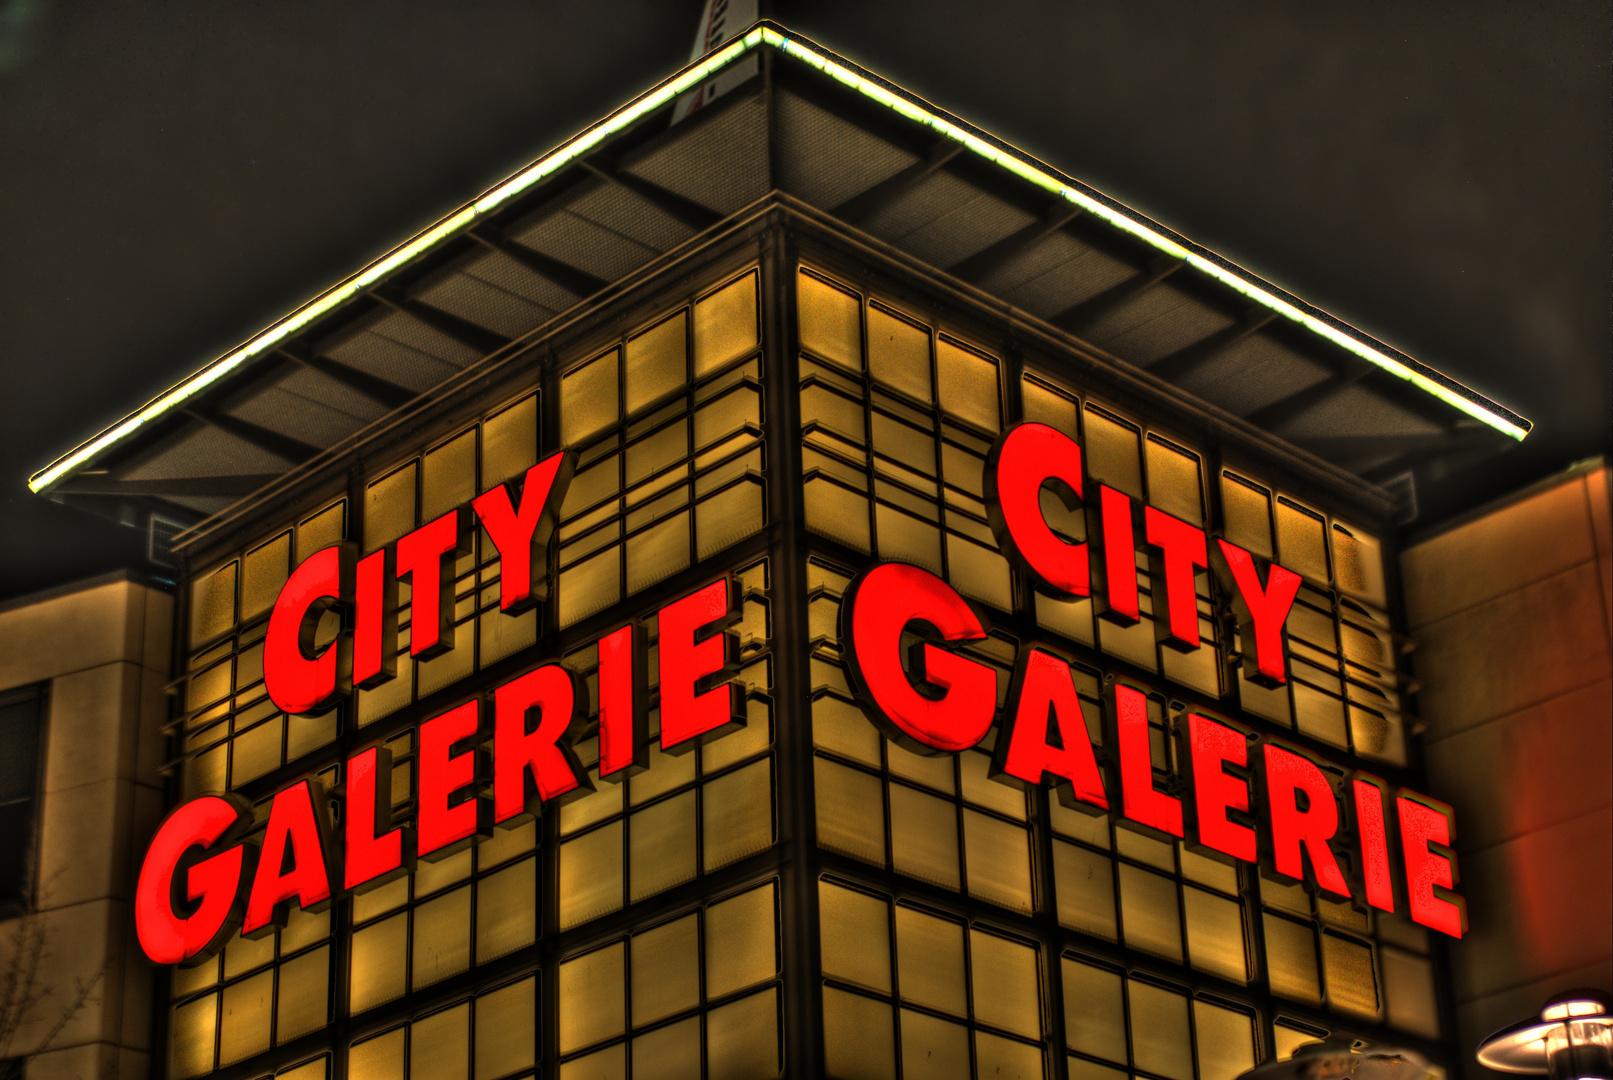 City Galerie Siegen Foto & Bild | bearbeitungs - techniken, hdri & tm,  siegen city Bilder auf fotocommunity